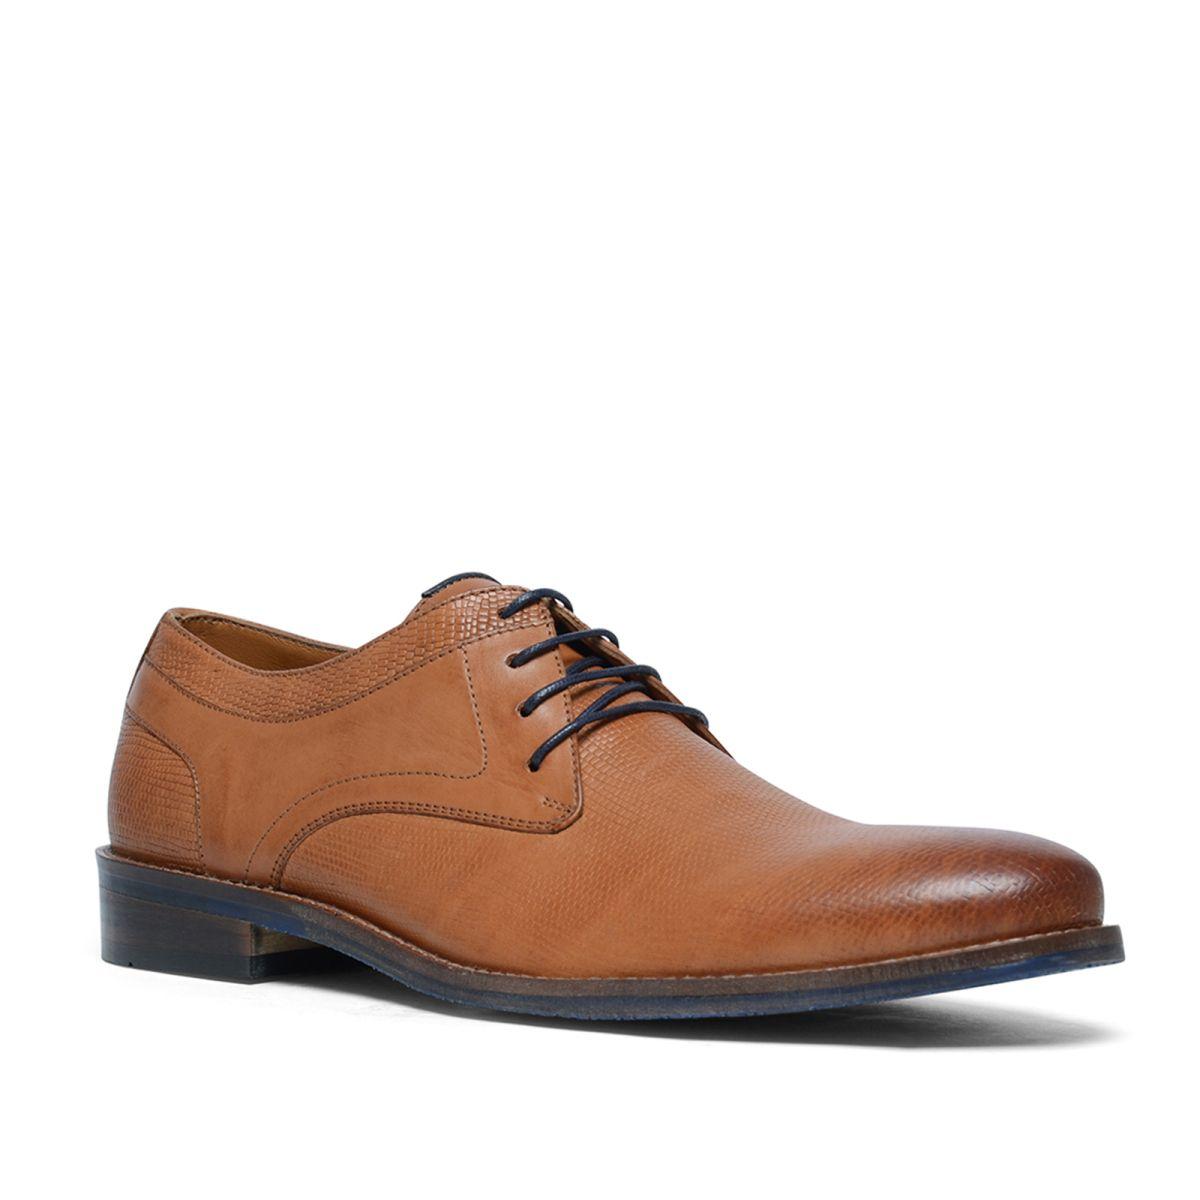 Cognac veterschoenen  Description: Cognac veterschoenen van het merk Manfield. De binnen- en buitenzijde zijn van leer. Bijzonder aan dit model is de subtiele reptielenprint over de gehele schoen. Combineer de schoenen met een net pak of draag de schoenen onder een casual outfit. De maat valt normaal.  Price: 45.00  Meer informatie  #manfield